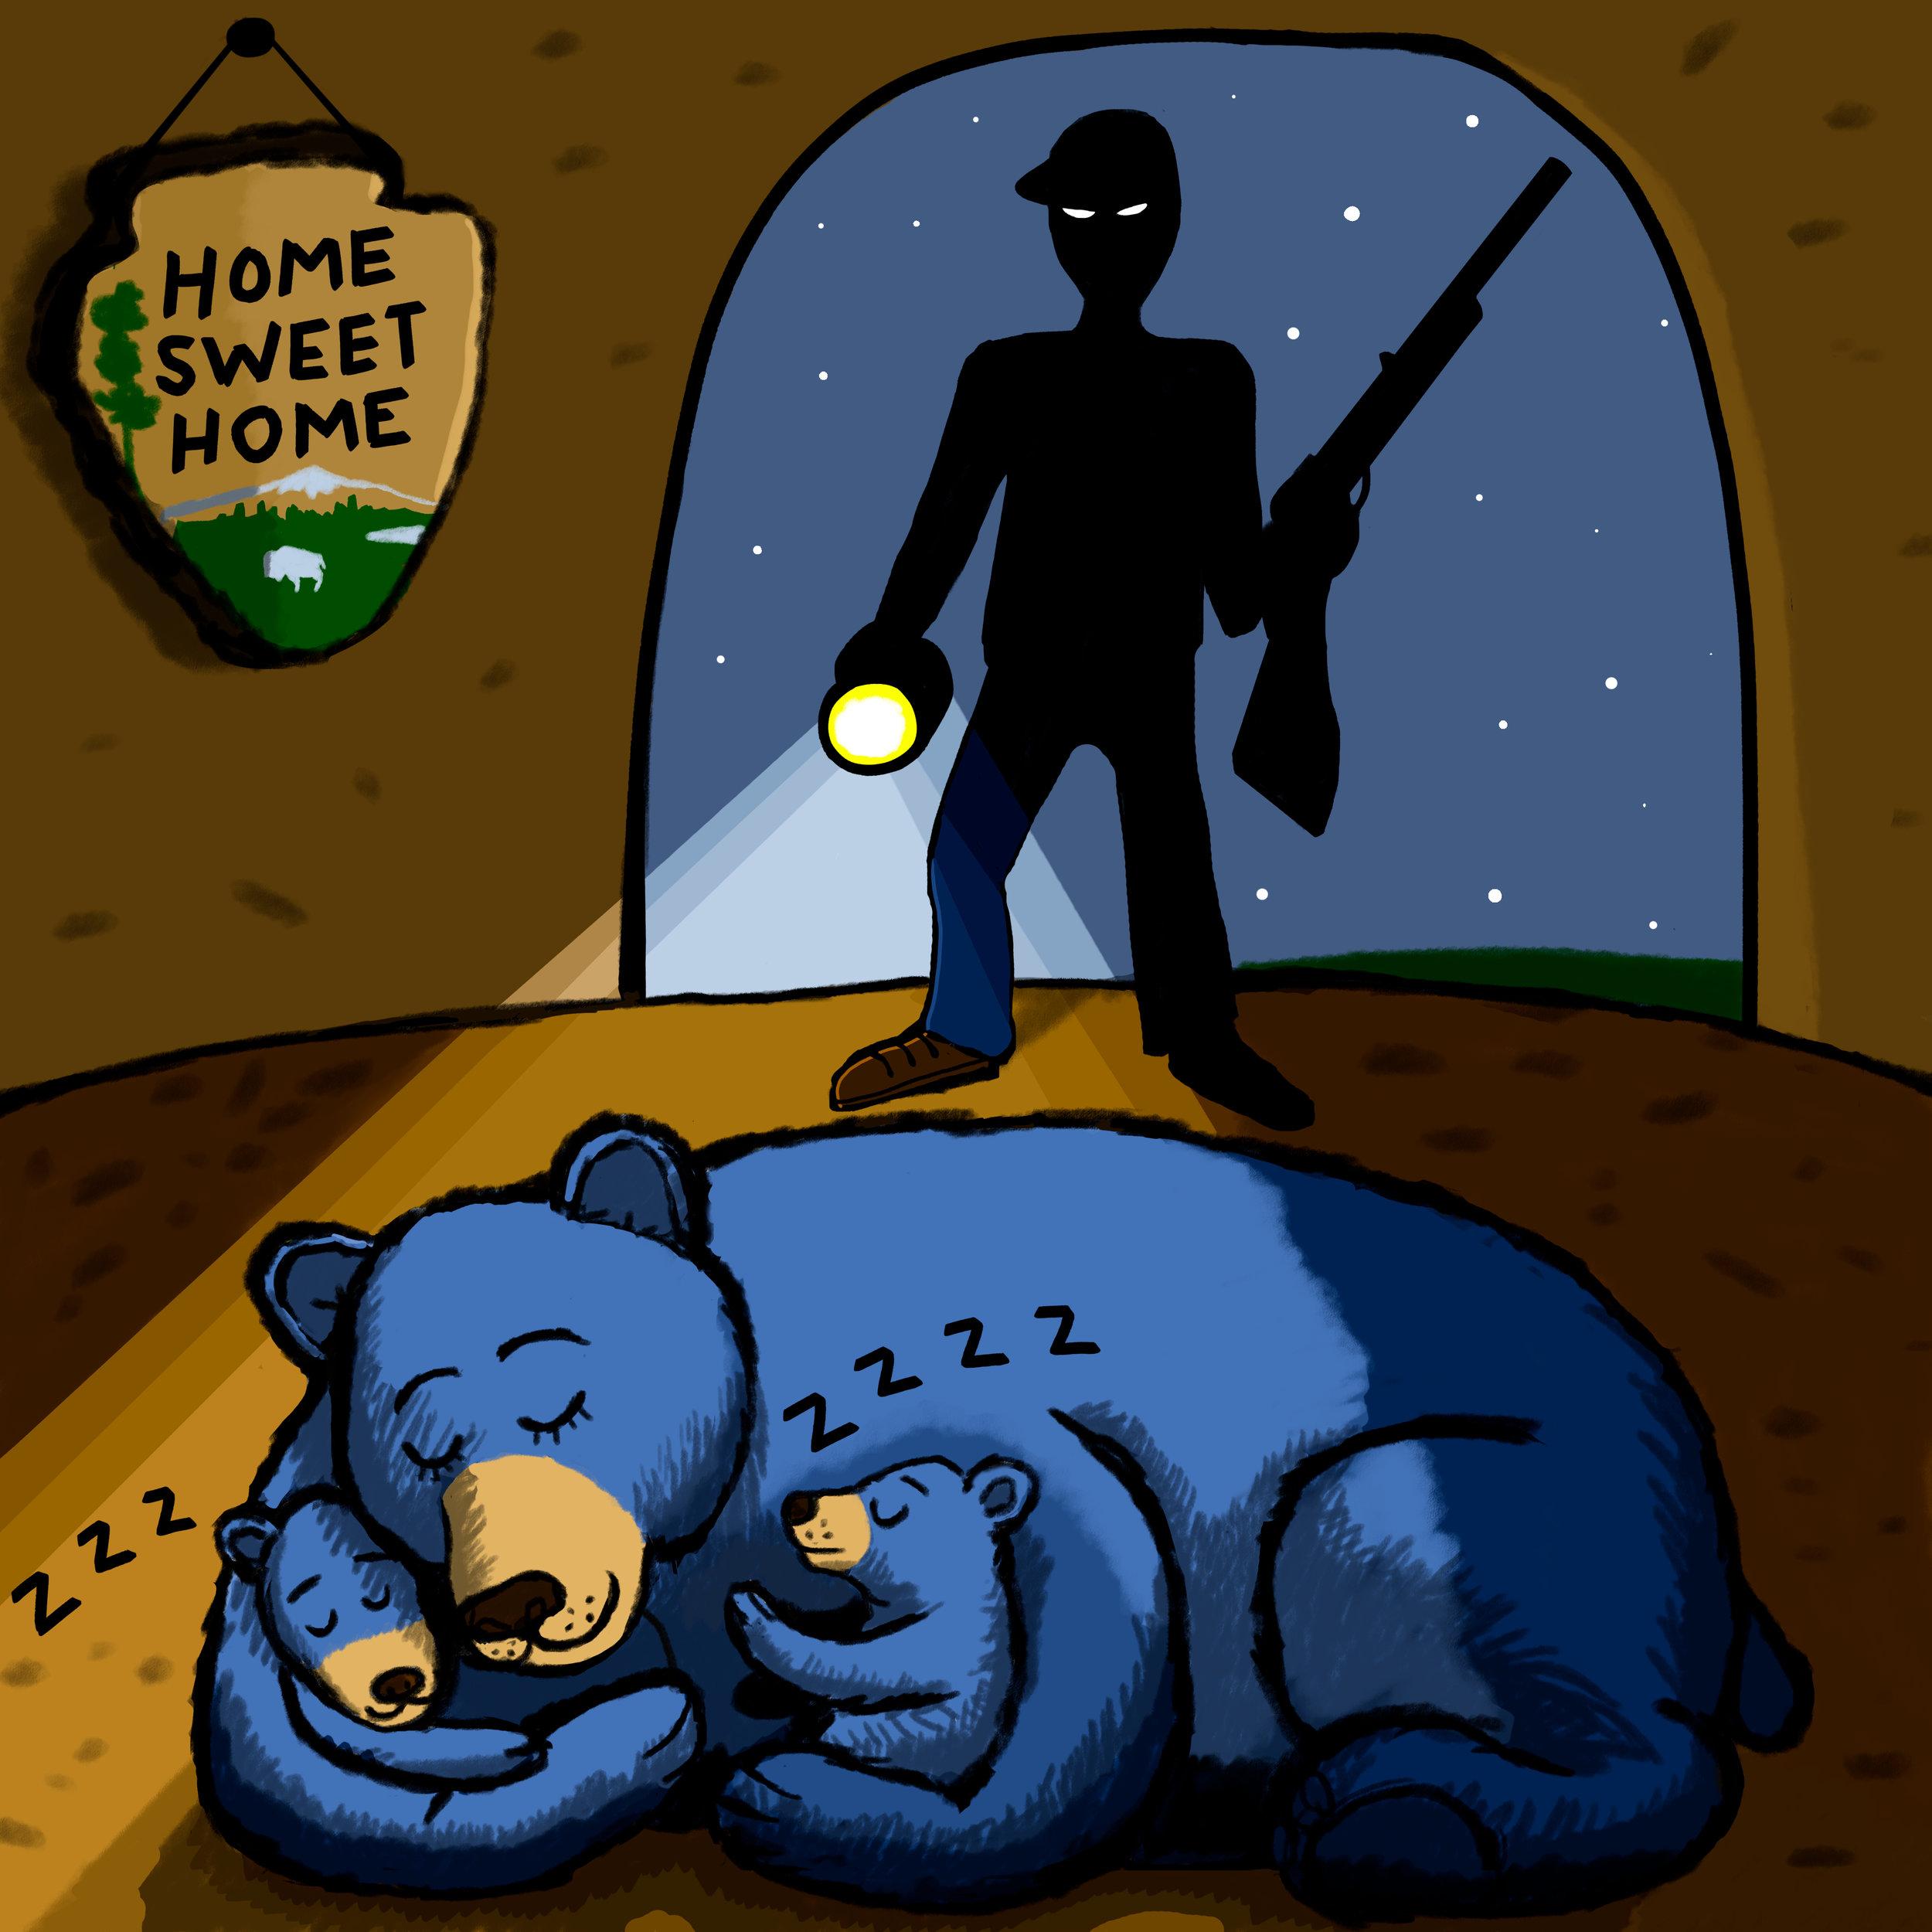 spotlighting-bears-for-web.jpg